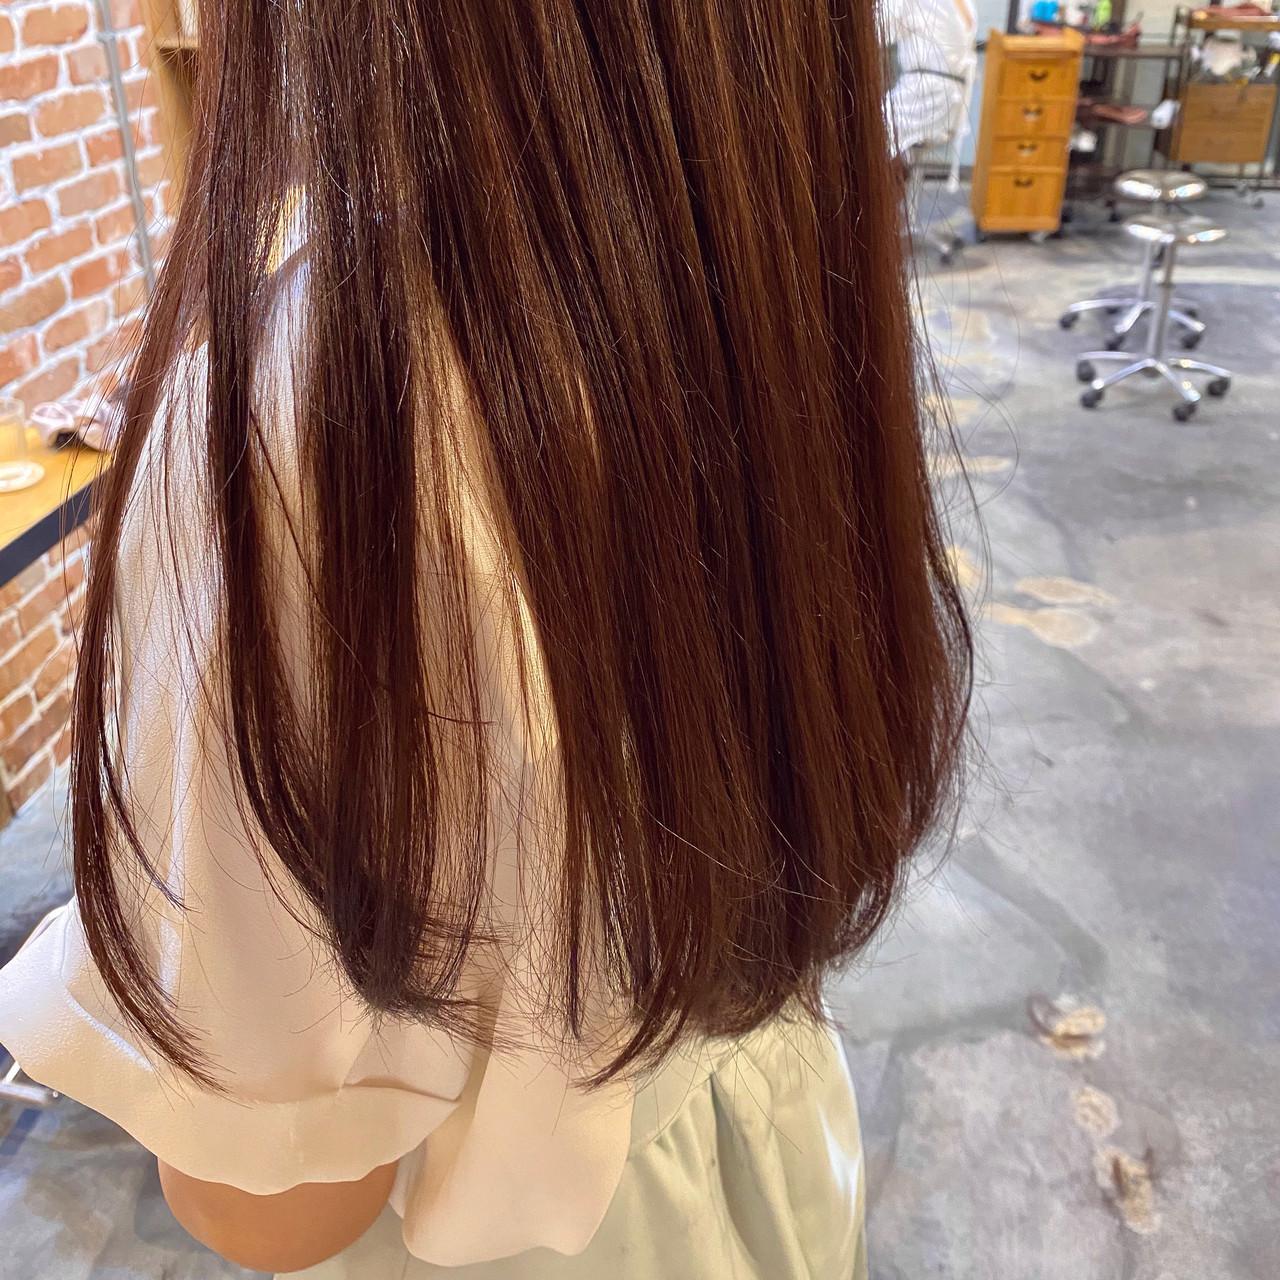 ブリーチなし ロング ピンクアッシュ ピンクベージュ ヘアスタイルや髪型の写真・画像